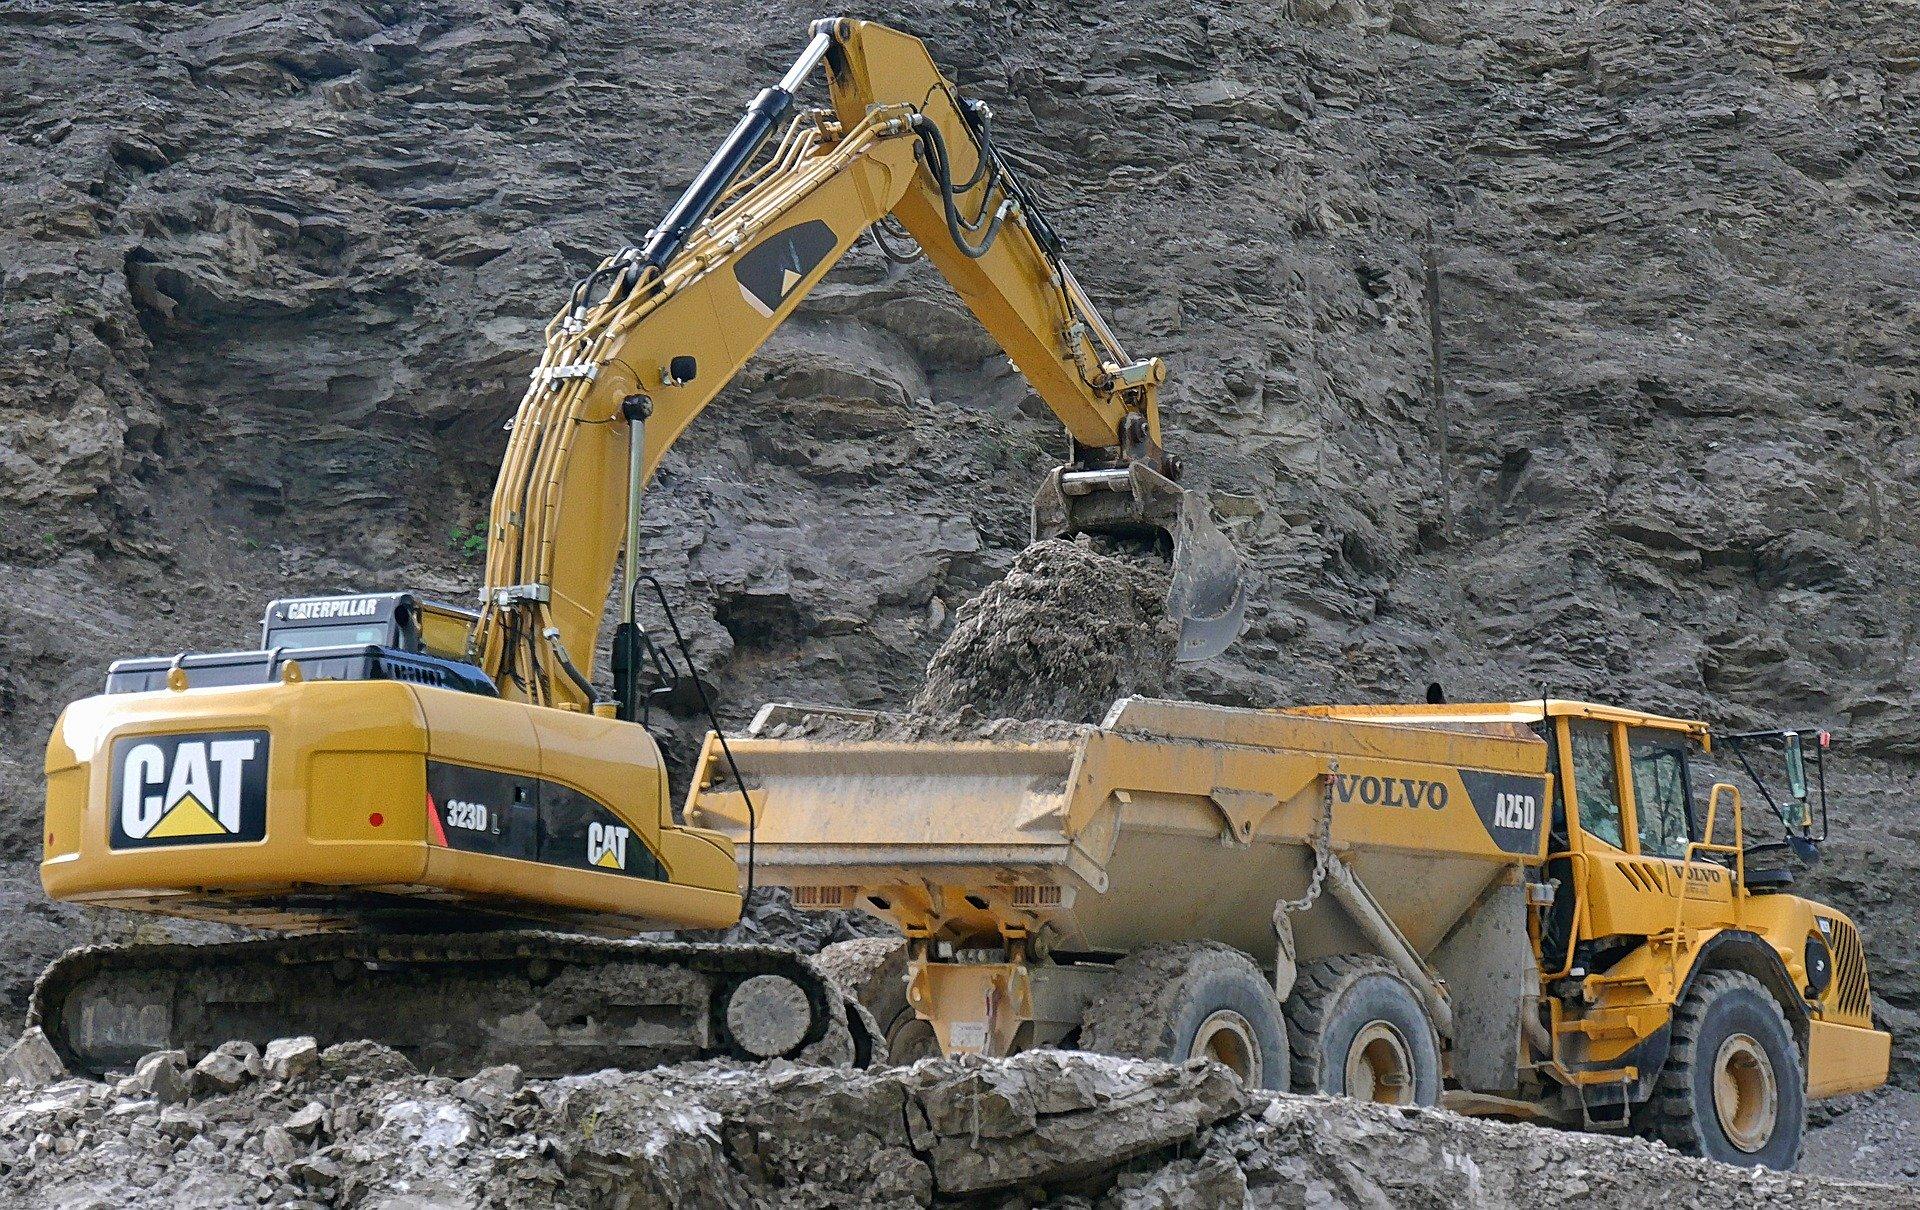 2級建設機械施工技士の合格率や過去問からみる難易度